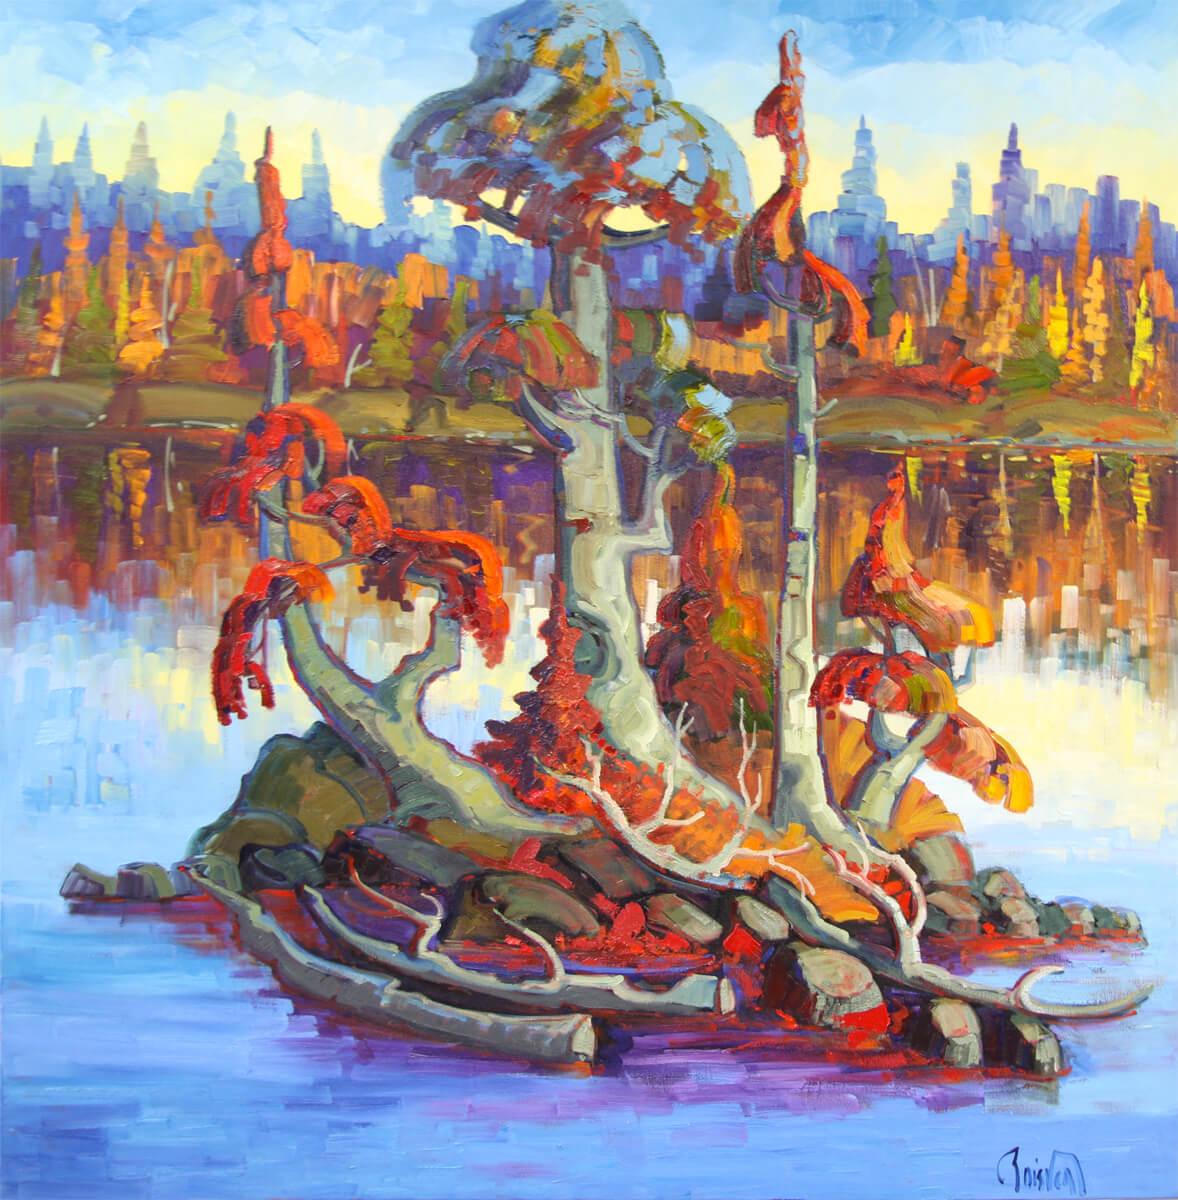 L'arbre penché aux couleurs d'automne - Normand Boisvert